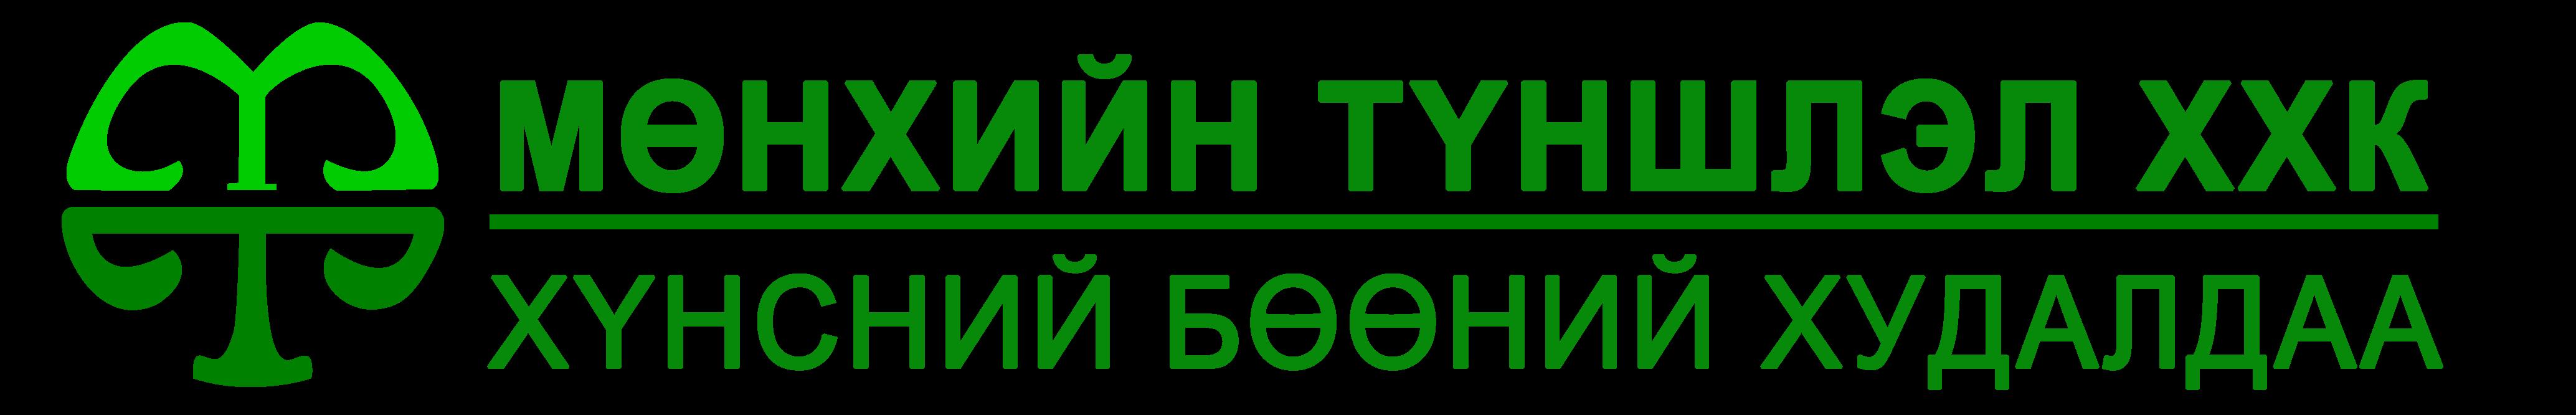 http://tunshlel.mn/front/image/logo/mnlogo.png